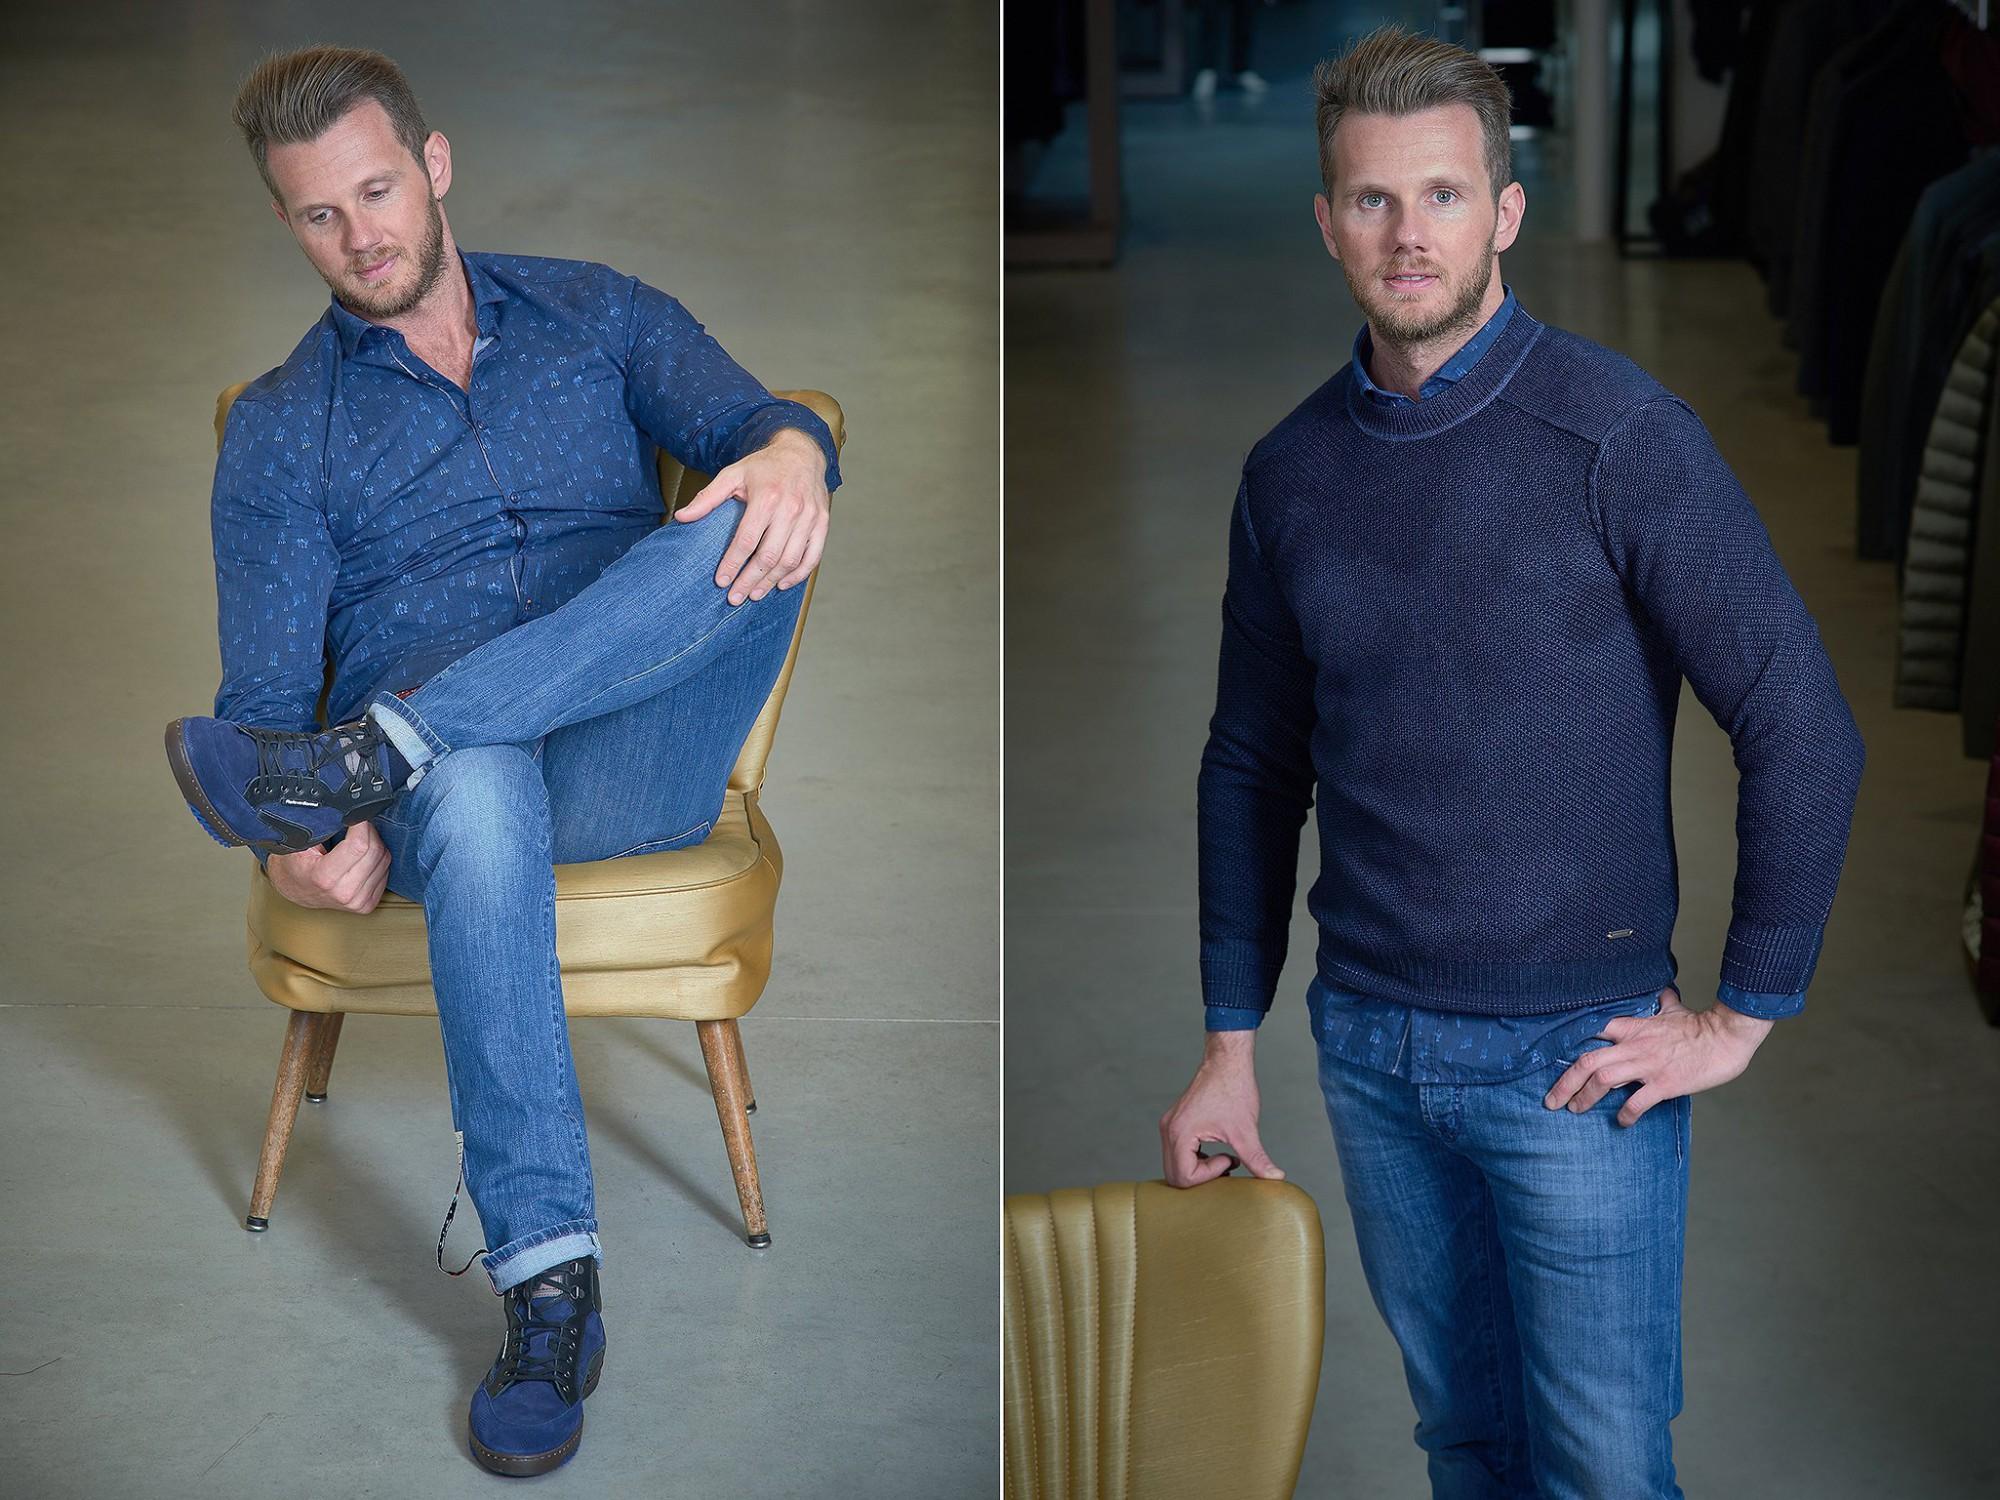 Afbeelding: Mode fotografie herenkleding foto Van Huffel, fotografie in winkel Bruurs, voor Bruurs Men.